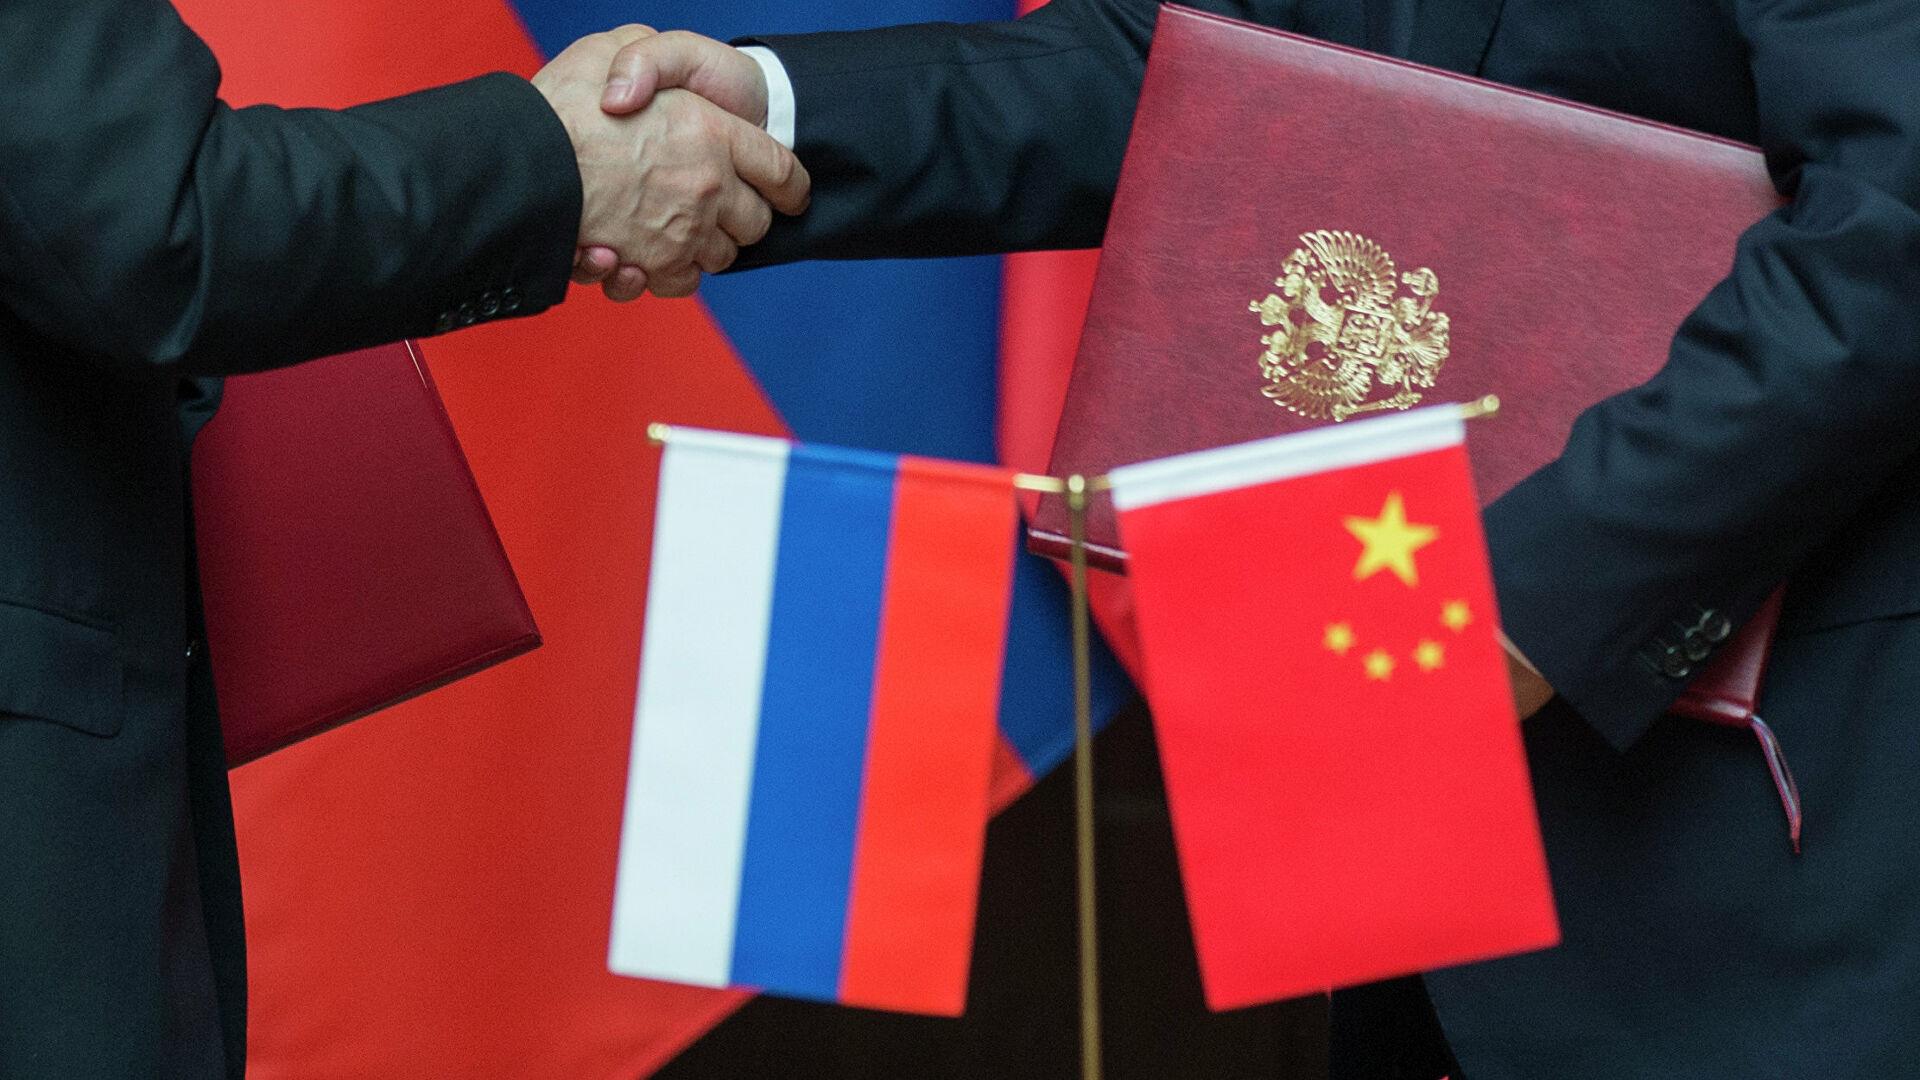 Peking: Šačica evropskih snaga iznosi optužbe na međunarodnoj sceni protiv Pekinga i Moskve, ali znaju da su mešanja u unutrašnja pitanja Kine i Rusije su sada prošlost